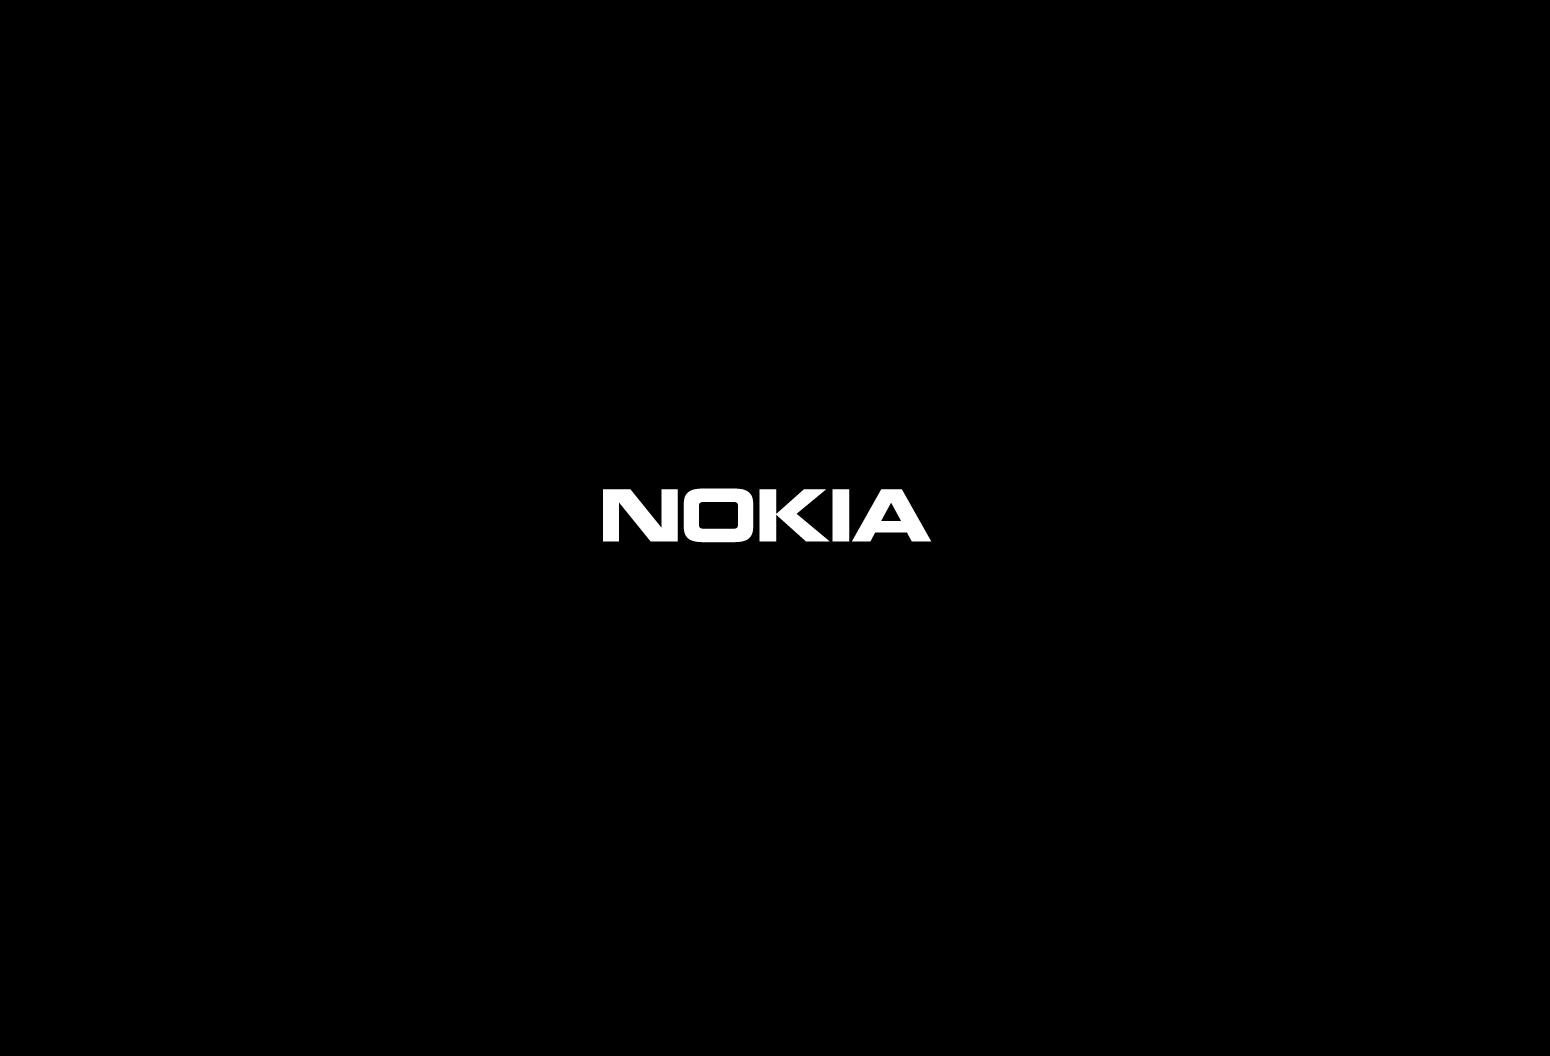 Wallpaper Nokia Salve a Imagem e Coloque a no seu Desktop ou Notebook 1550x1056